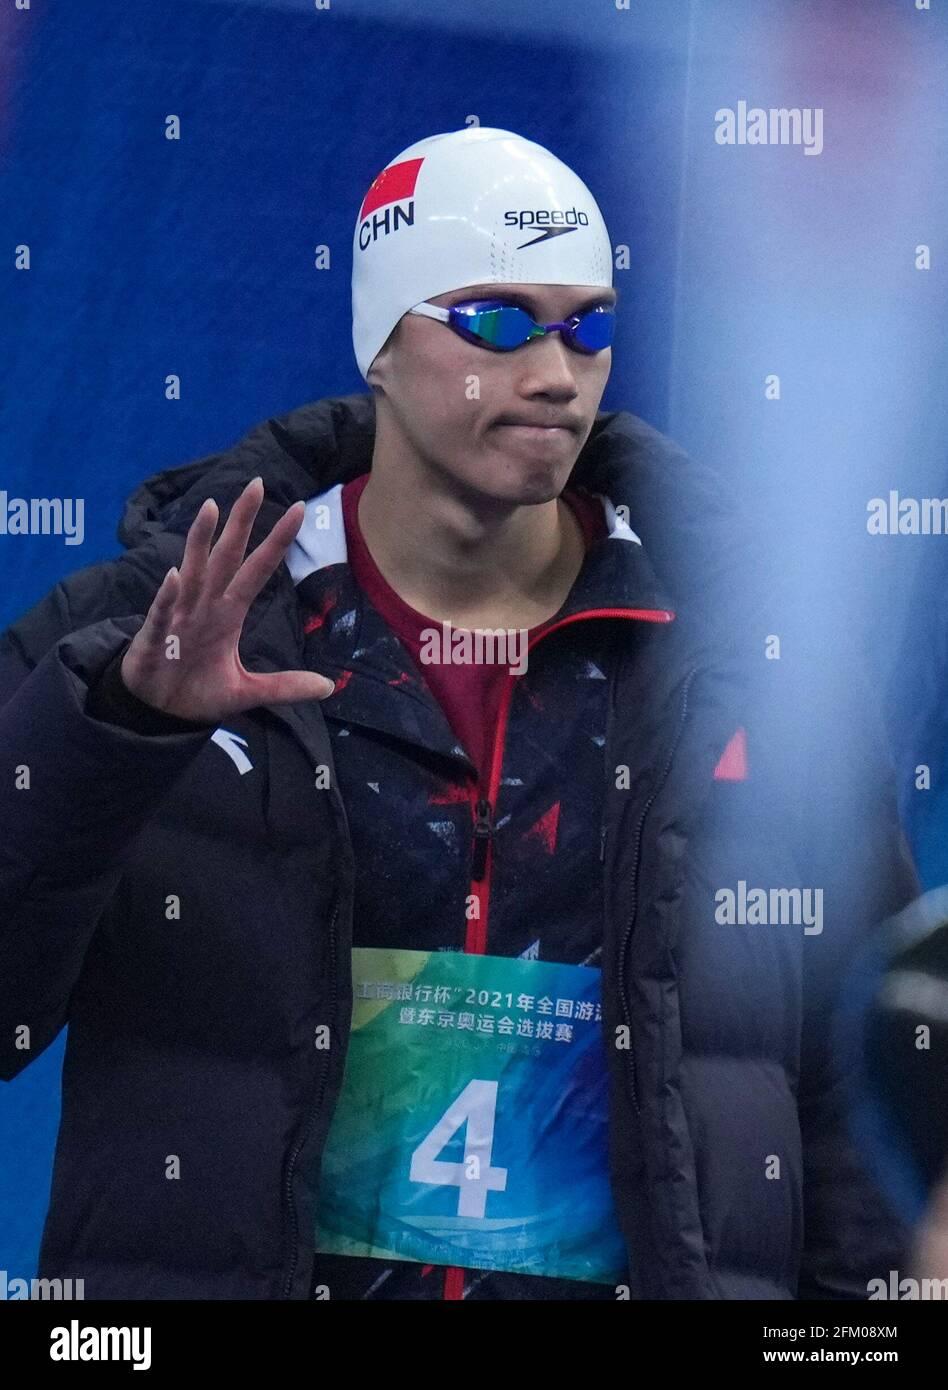 Qingdao, Chine. 5 mai 2021. Wang Shun de Zhejiang vagues avant le medley individuel de 200 m hommes à la semi-finale aux Championnats nationaux de natation chinois 2021 à Qingdao, Chine orientale, le 5 mai 2021. Credit: Xu Chang/Xinhua/Alay Live News Banque D'Images